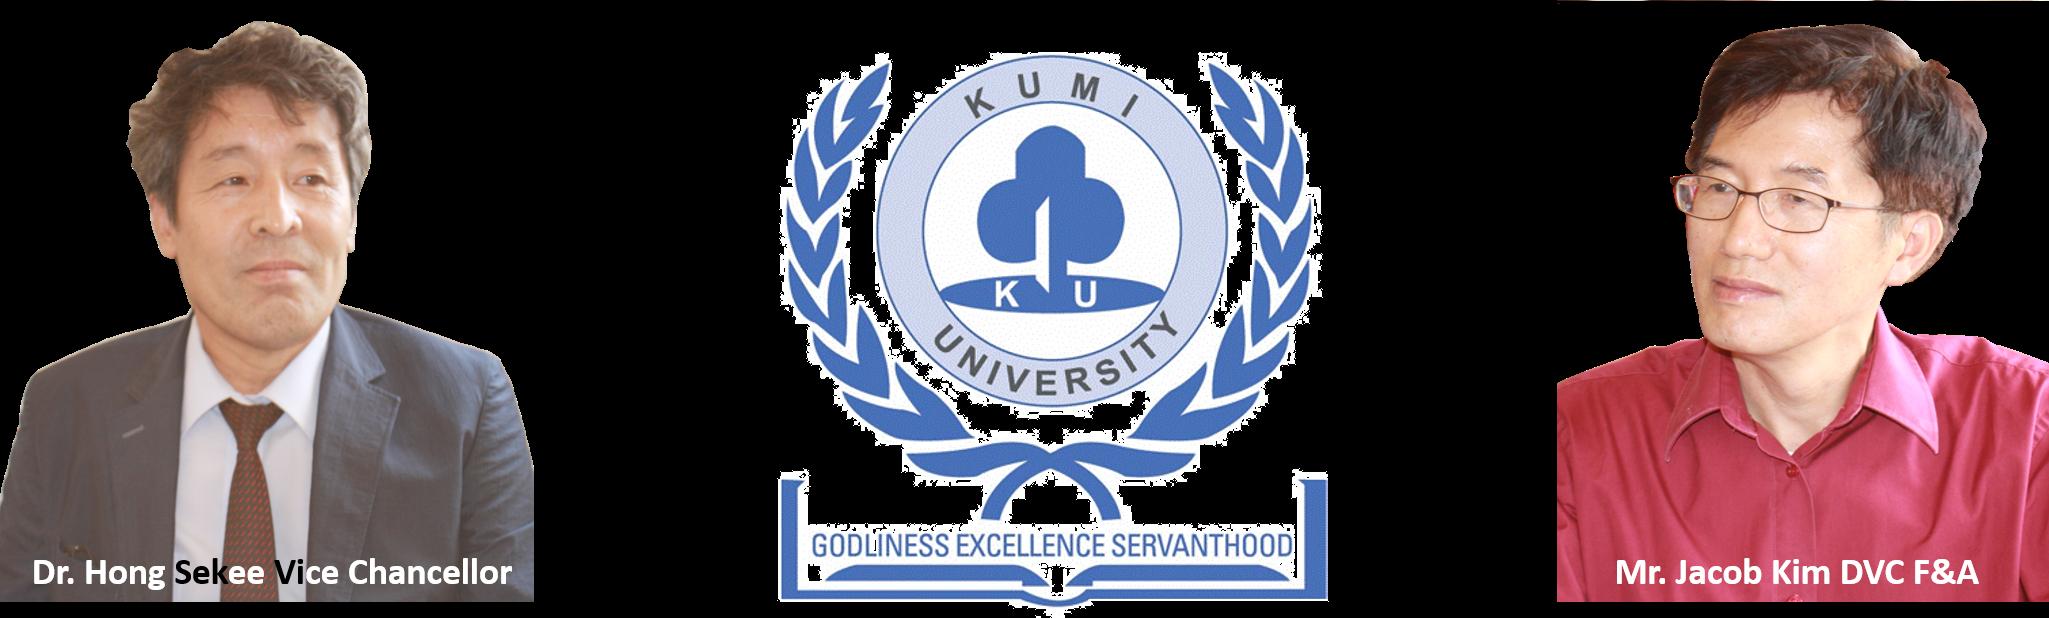 KUMU Receives New VC & DVC F&A